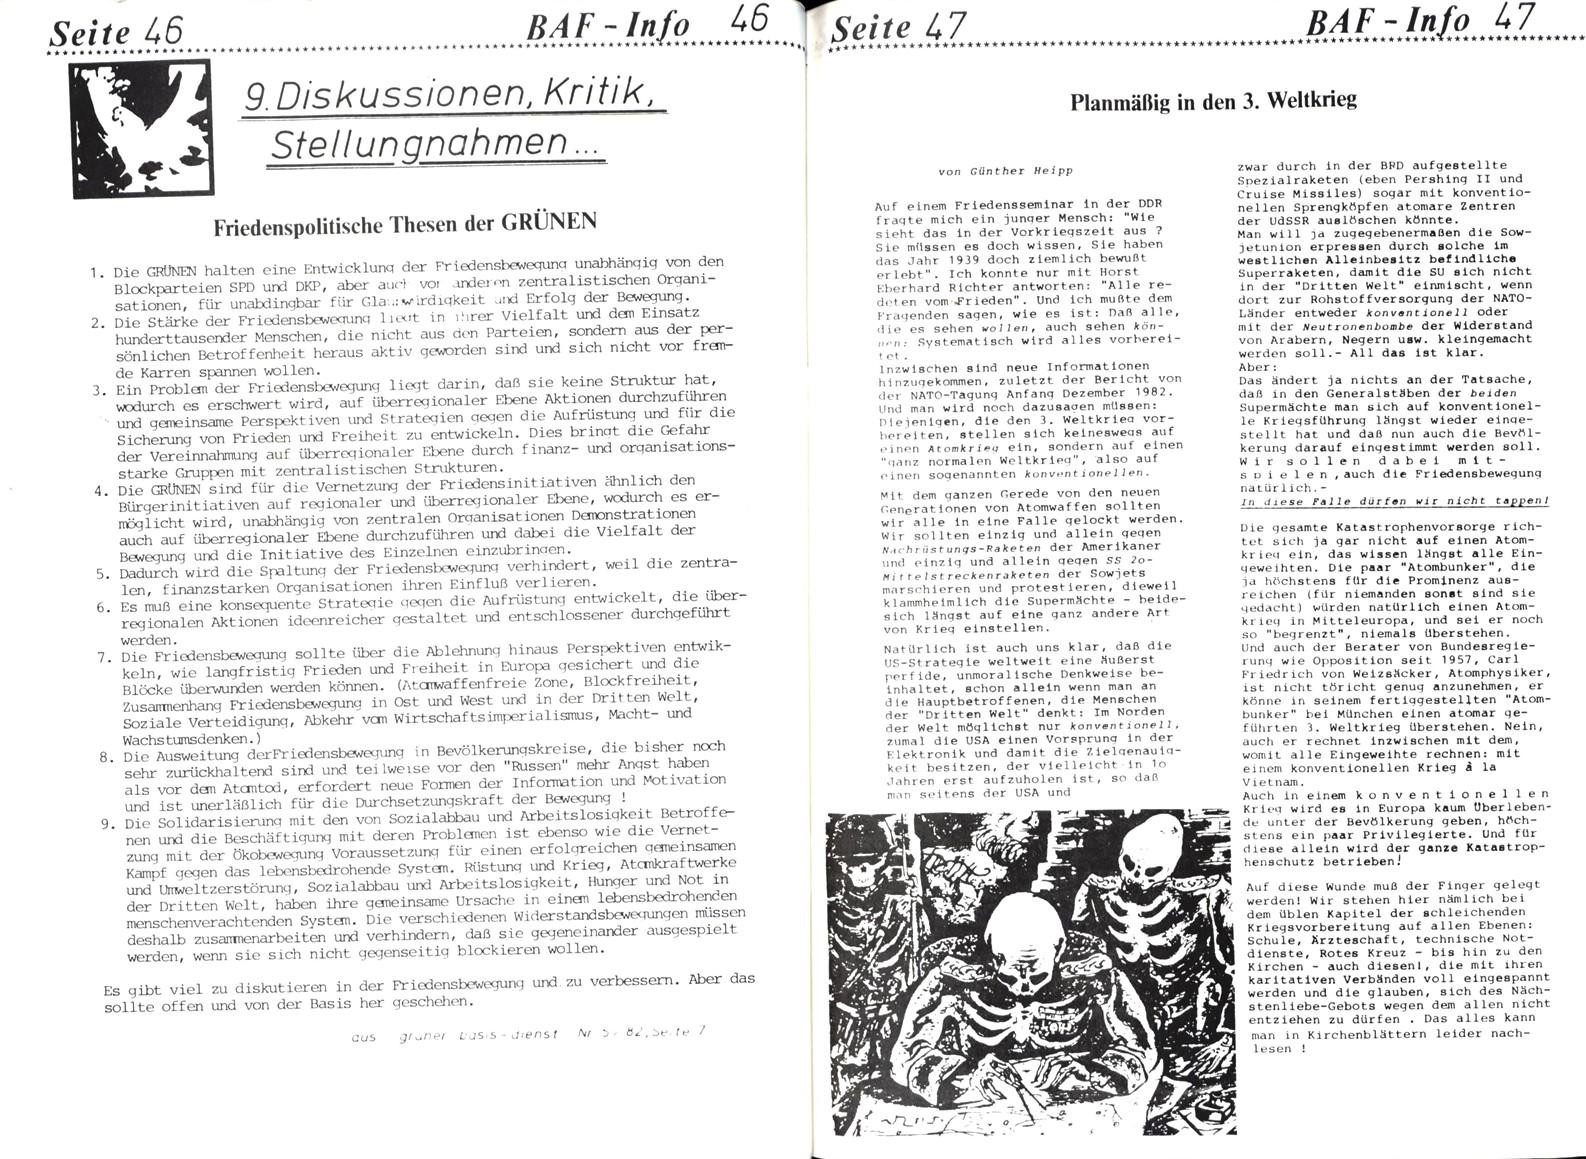 BAF_Info_02_19830100_24